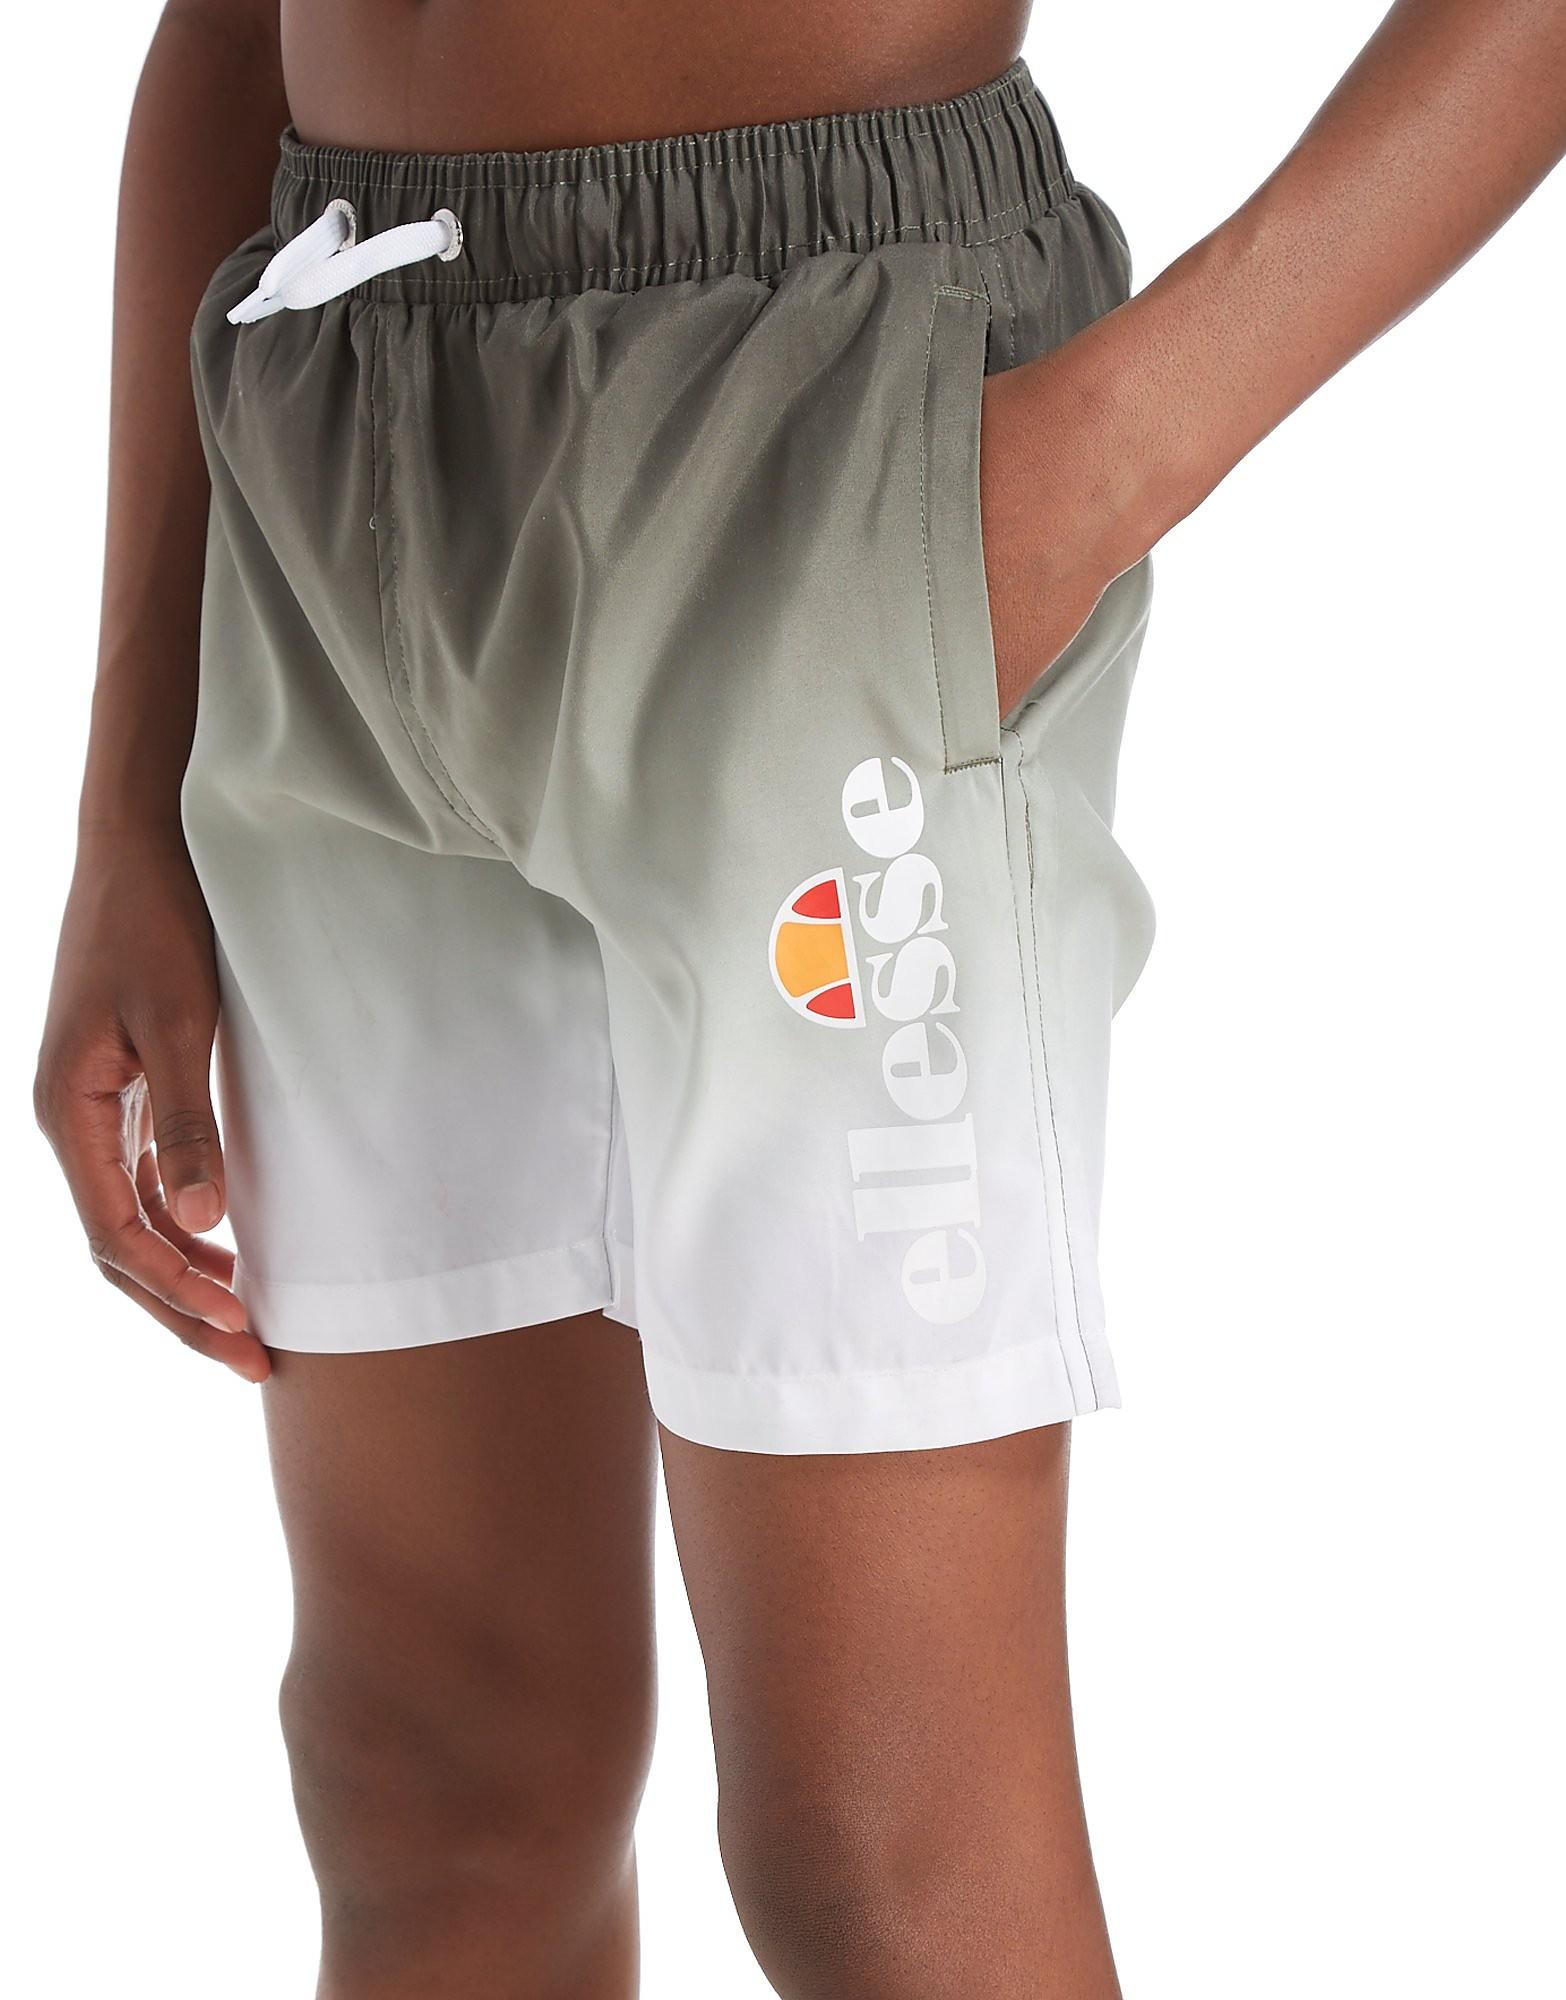 Ellesse Delto Fade Swim Shorts Junior - Olive - Kind